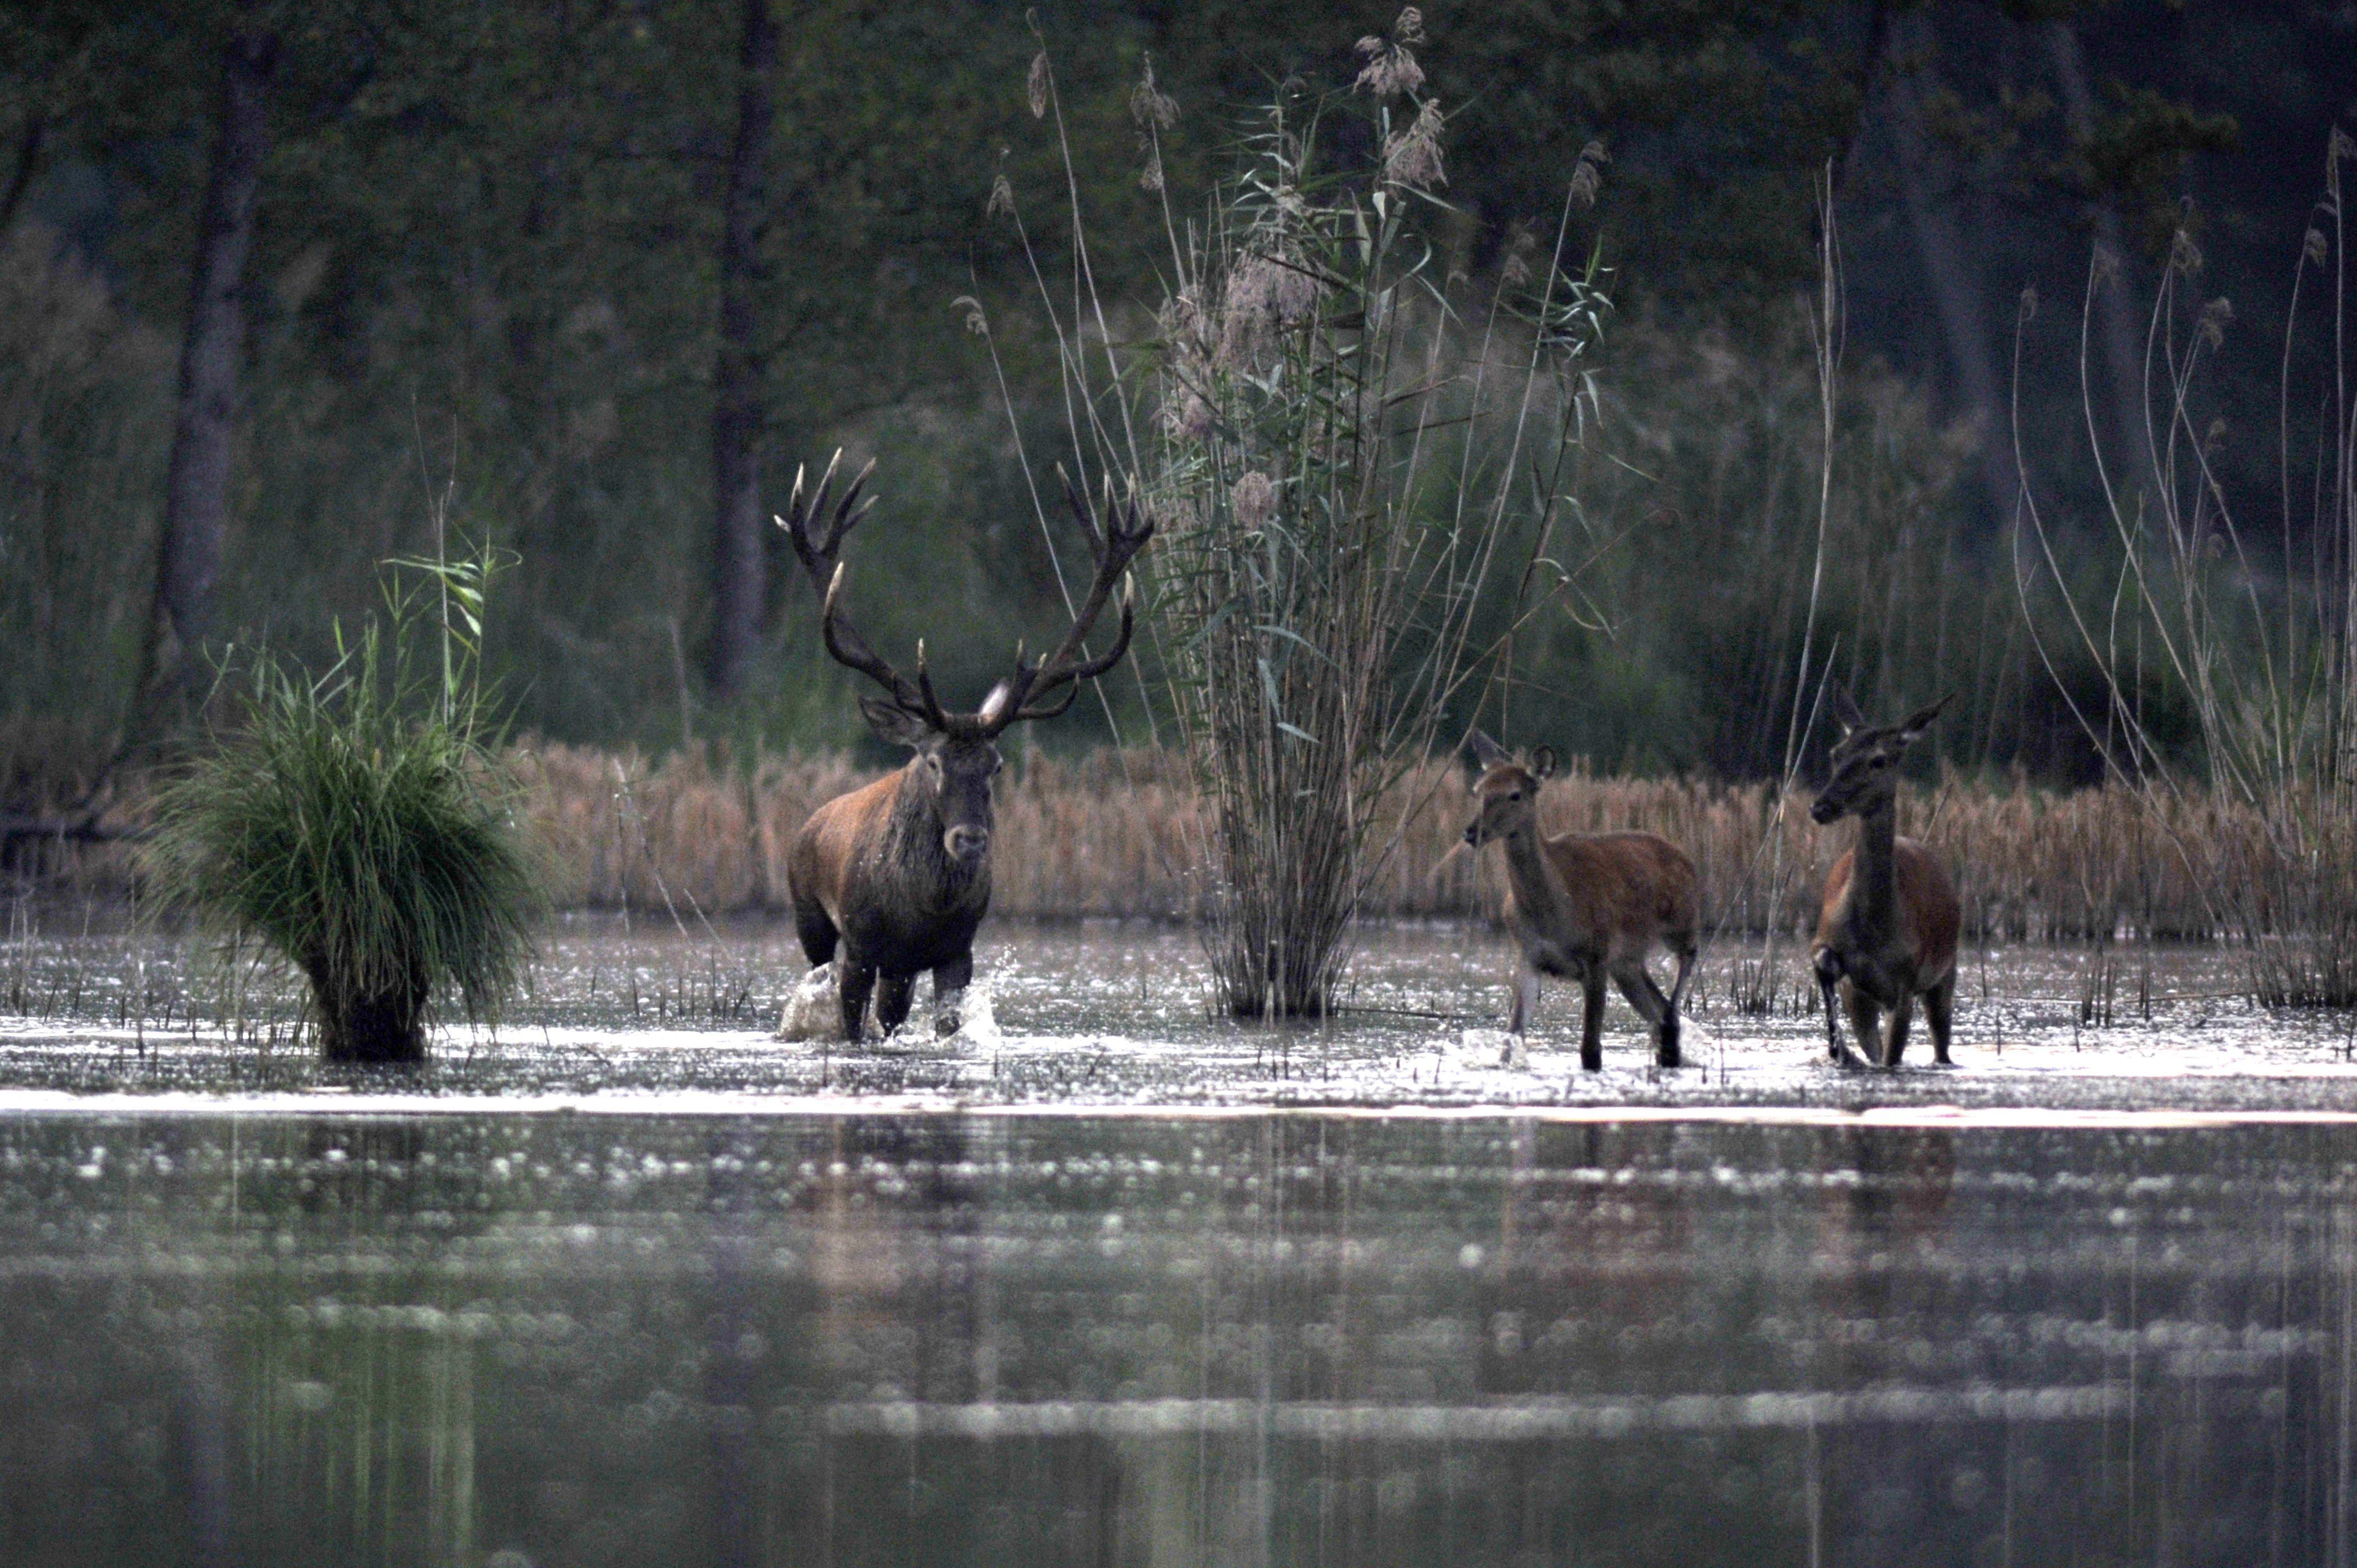 Így hűsölnek a szeptemberi hőségben a barcsi erdészet állatai